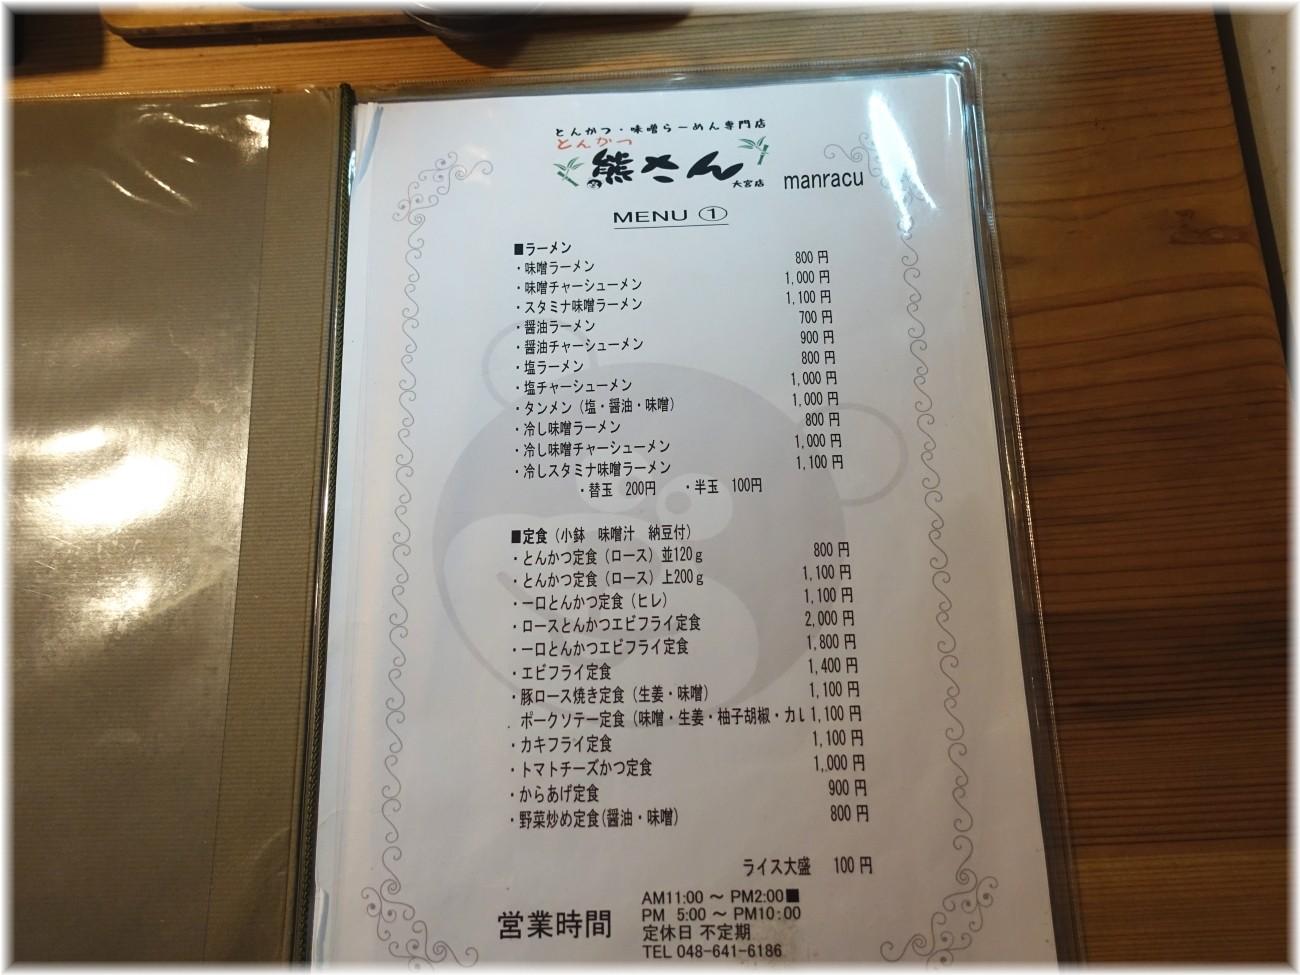 熊さん大宮店2 メニュー